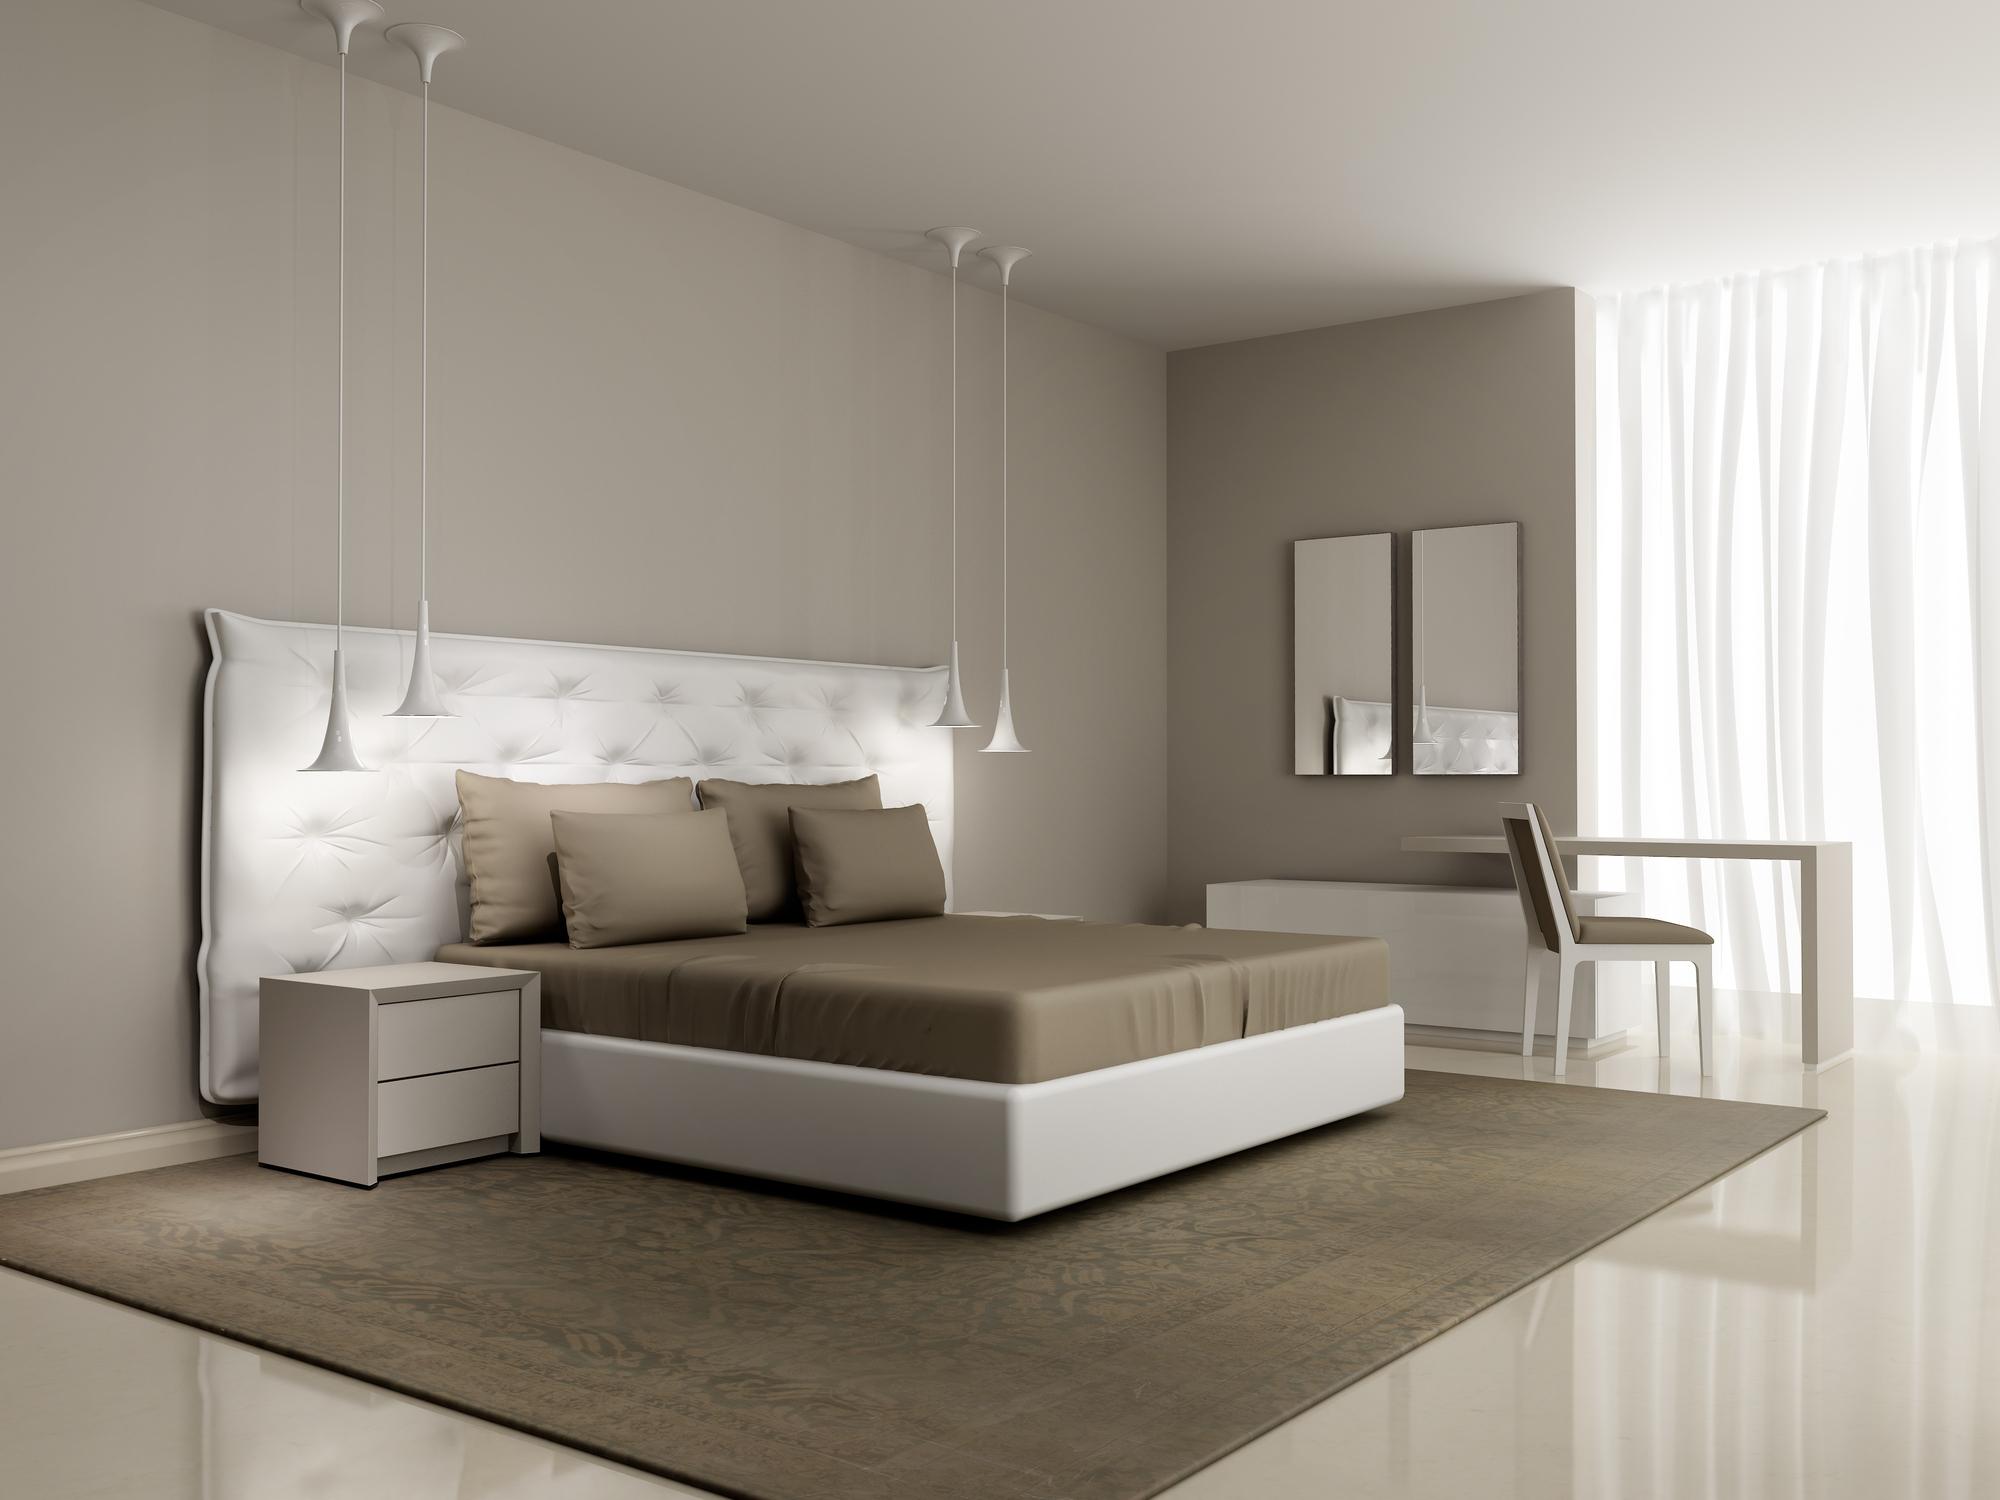 Fundamenta – Otthonok és megoldások Egzotikus fehér hálószoba - Fundamenta - Otthonok és megoldások